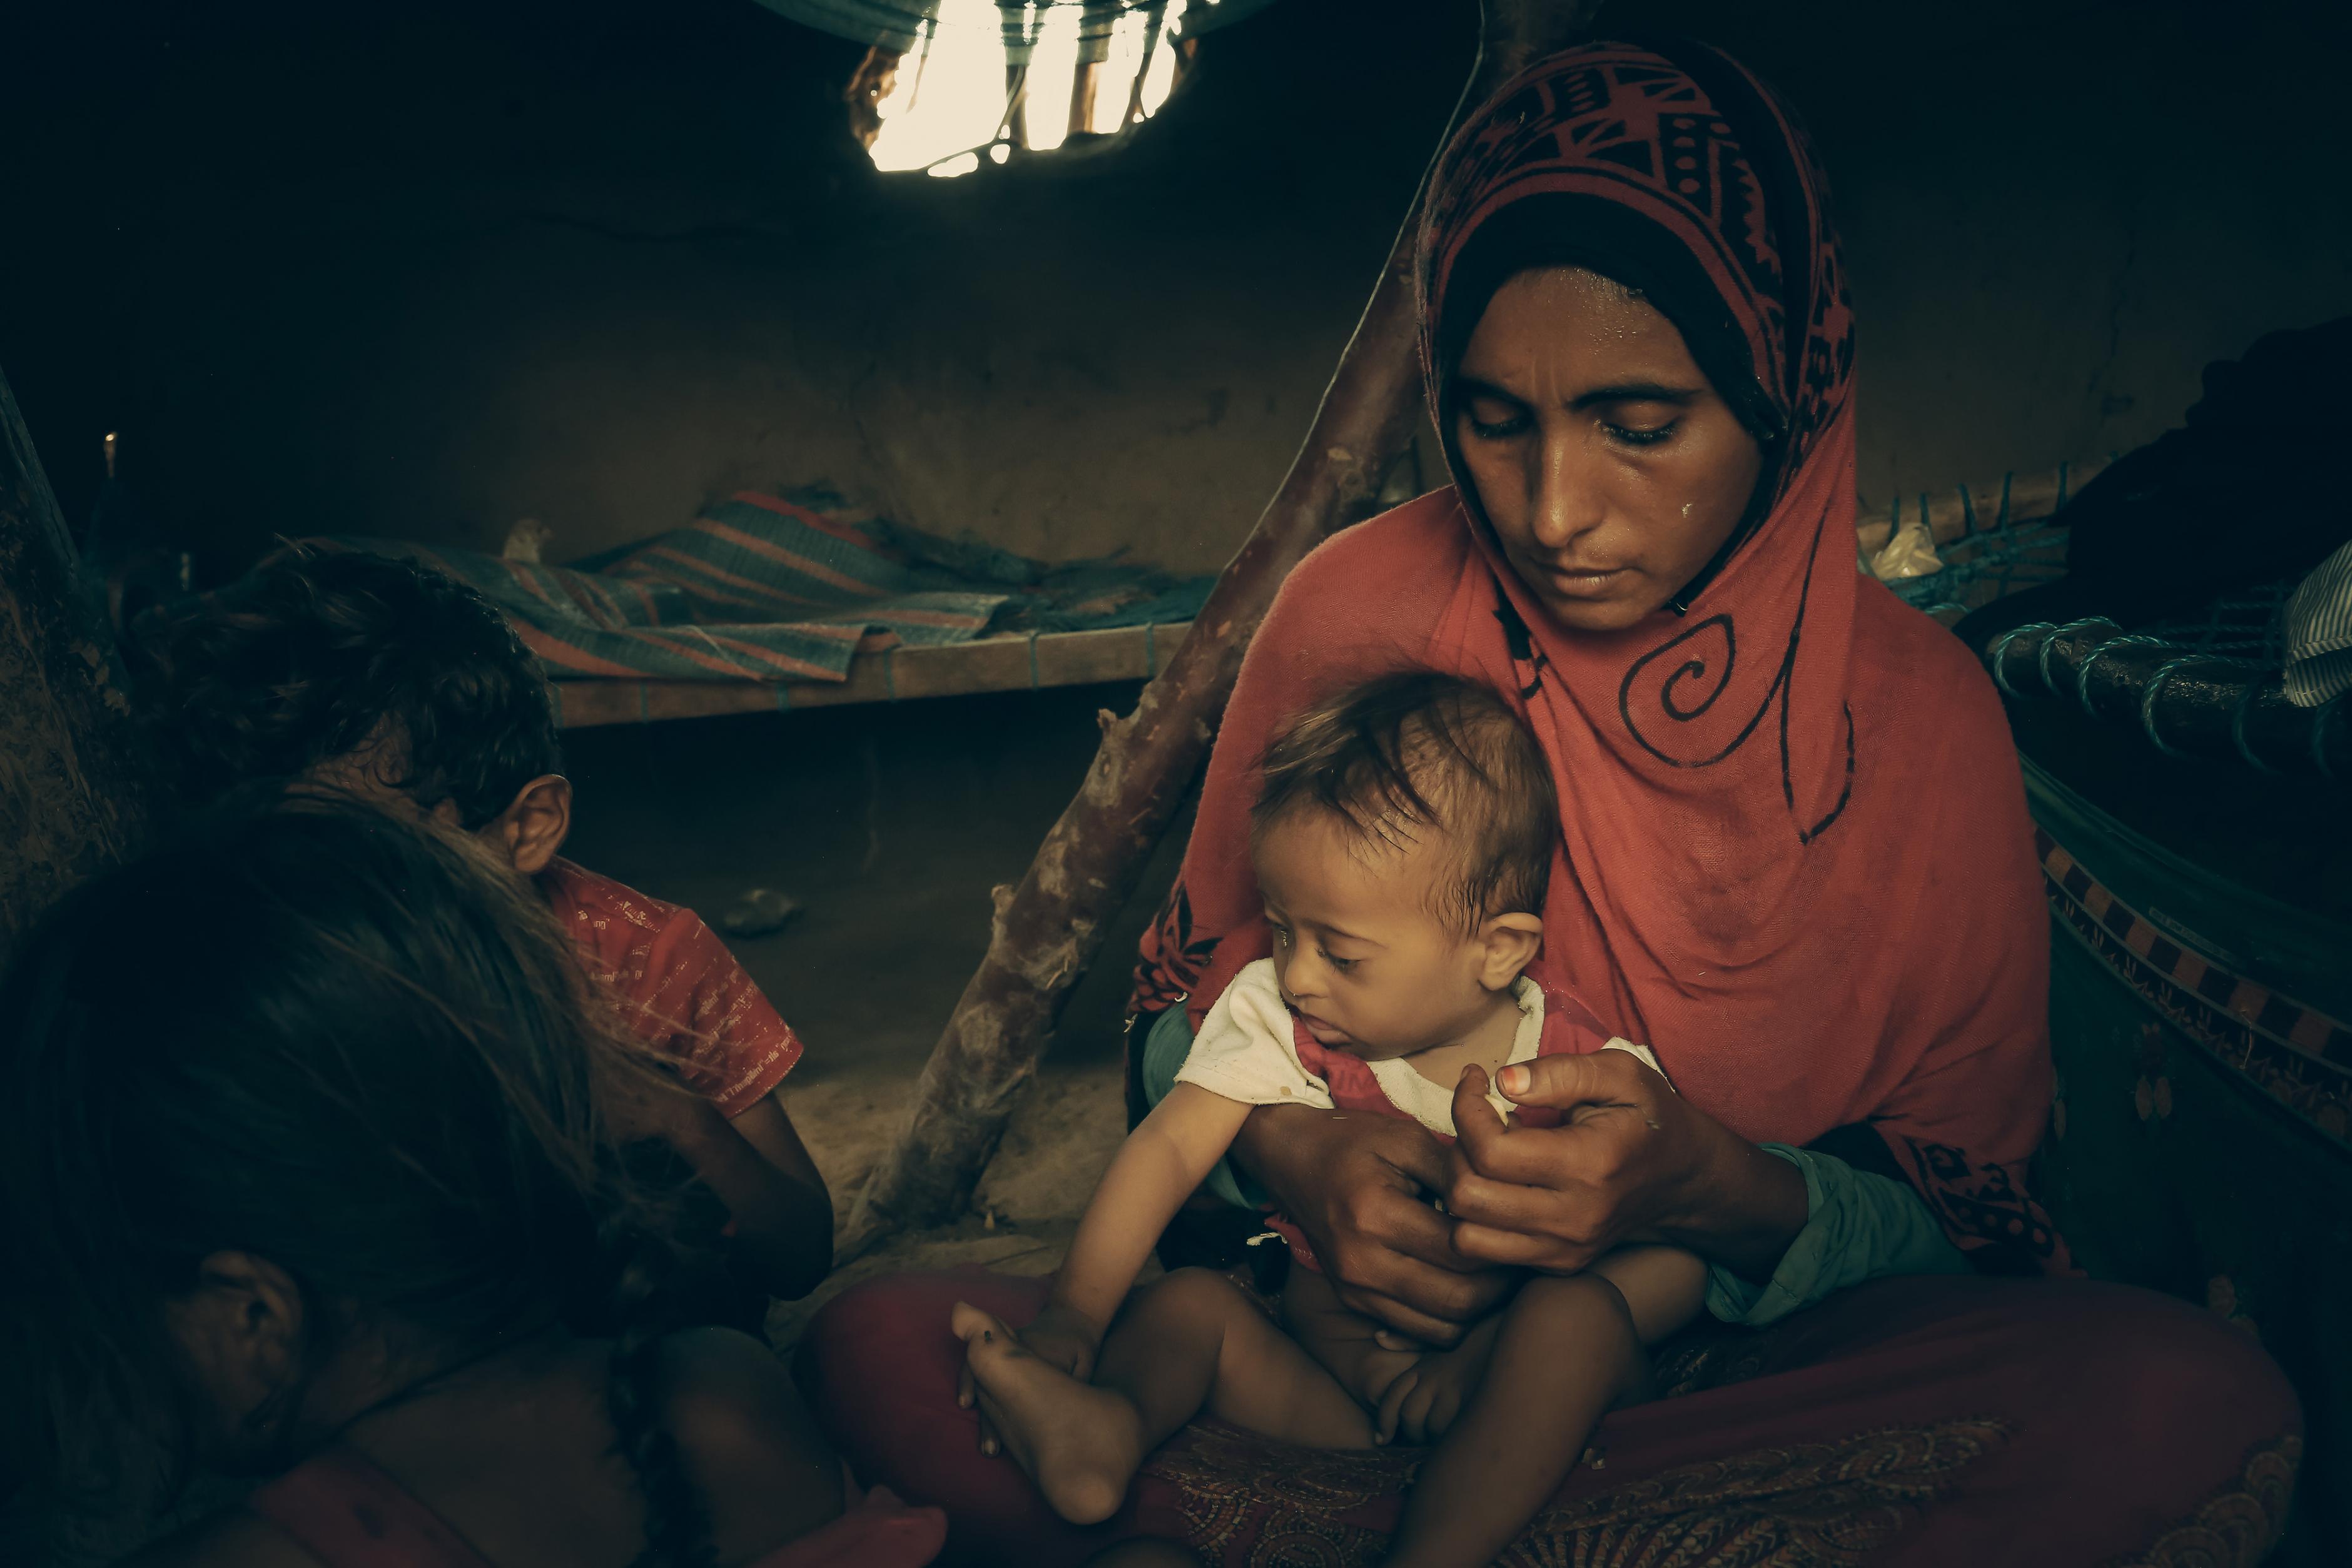 Eine Mutter aus dem Jemen mit ihrem kleinen Kind